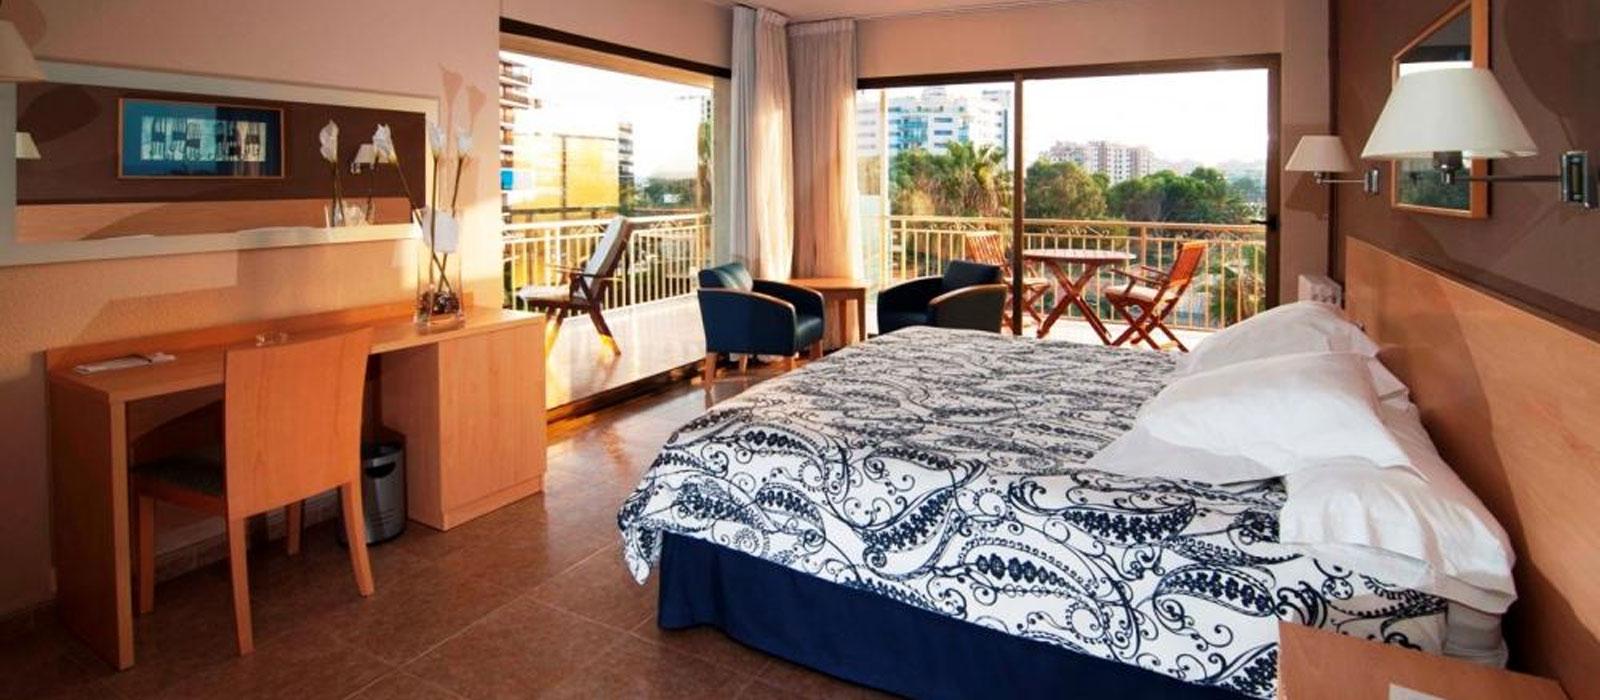 Hotel Almirante en Playa de San Juan, Alicante